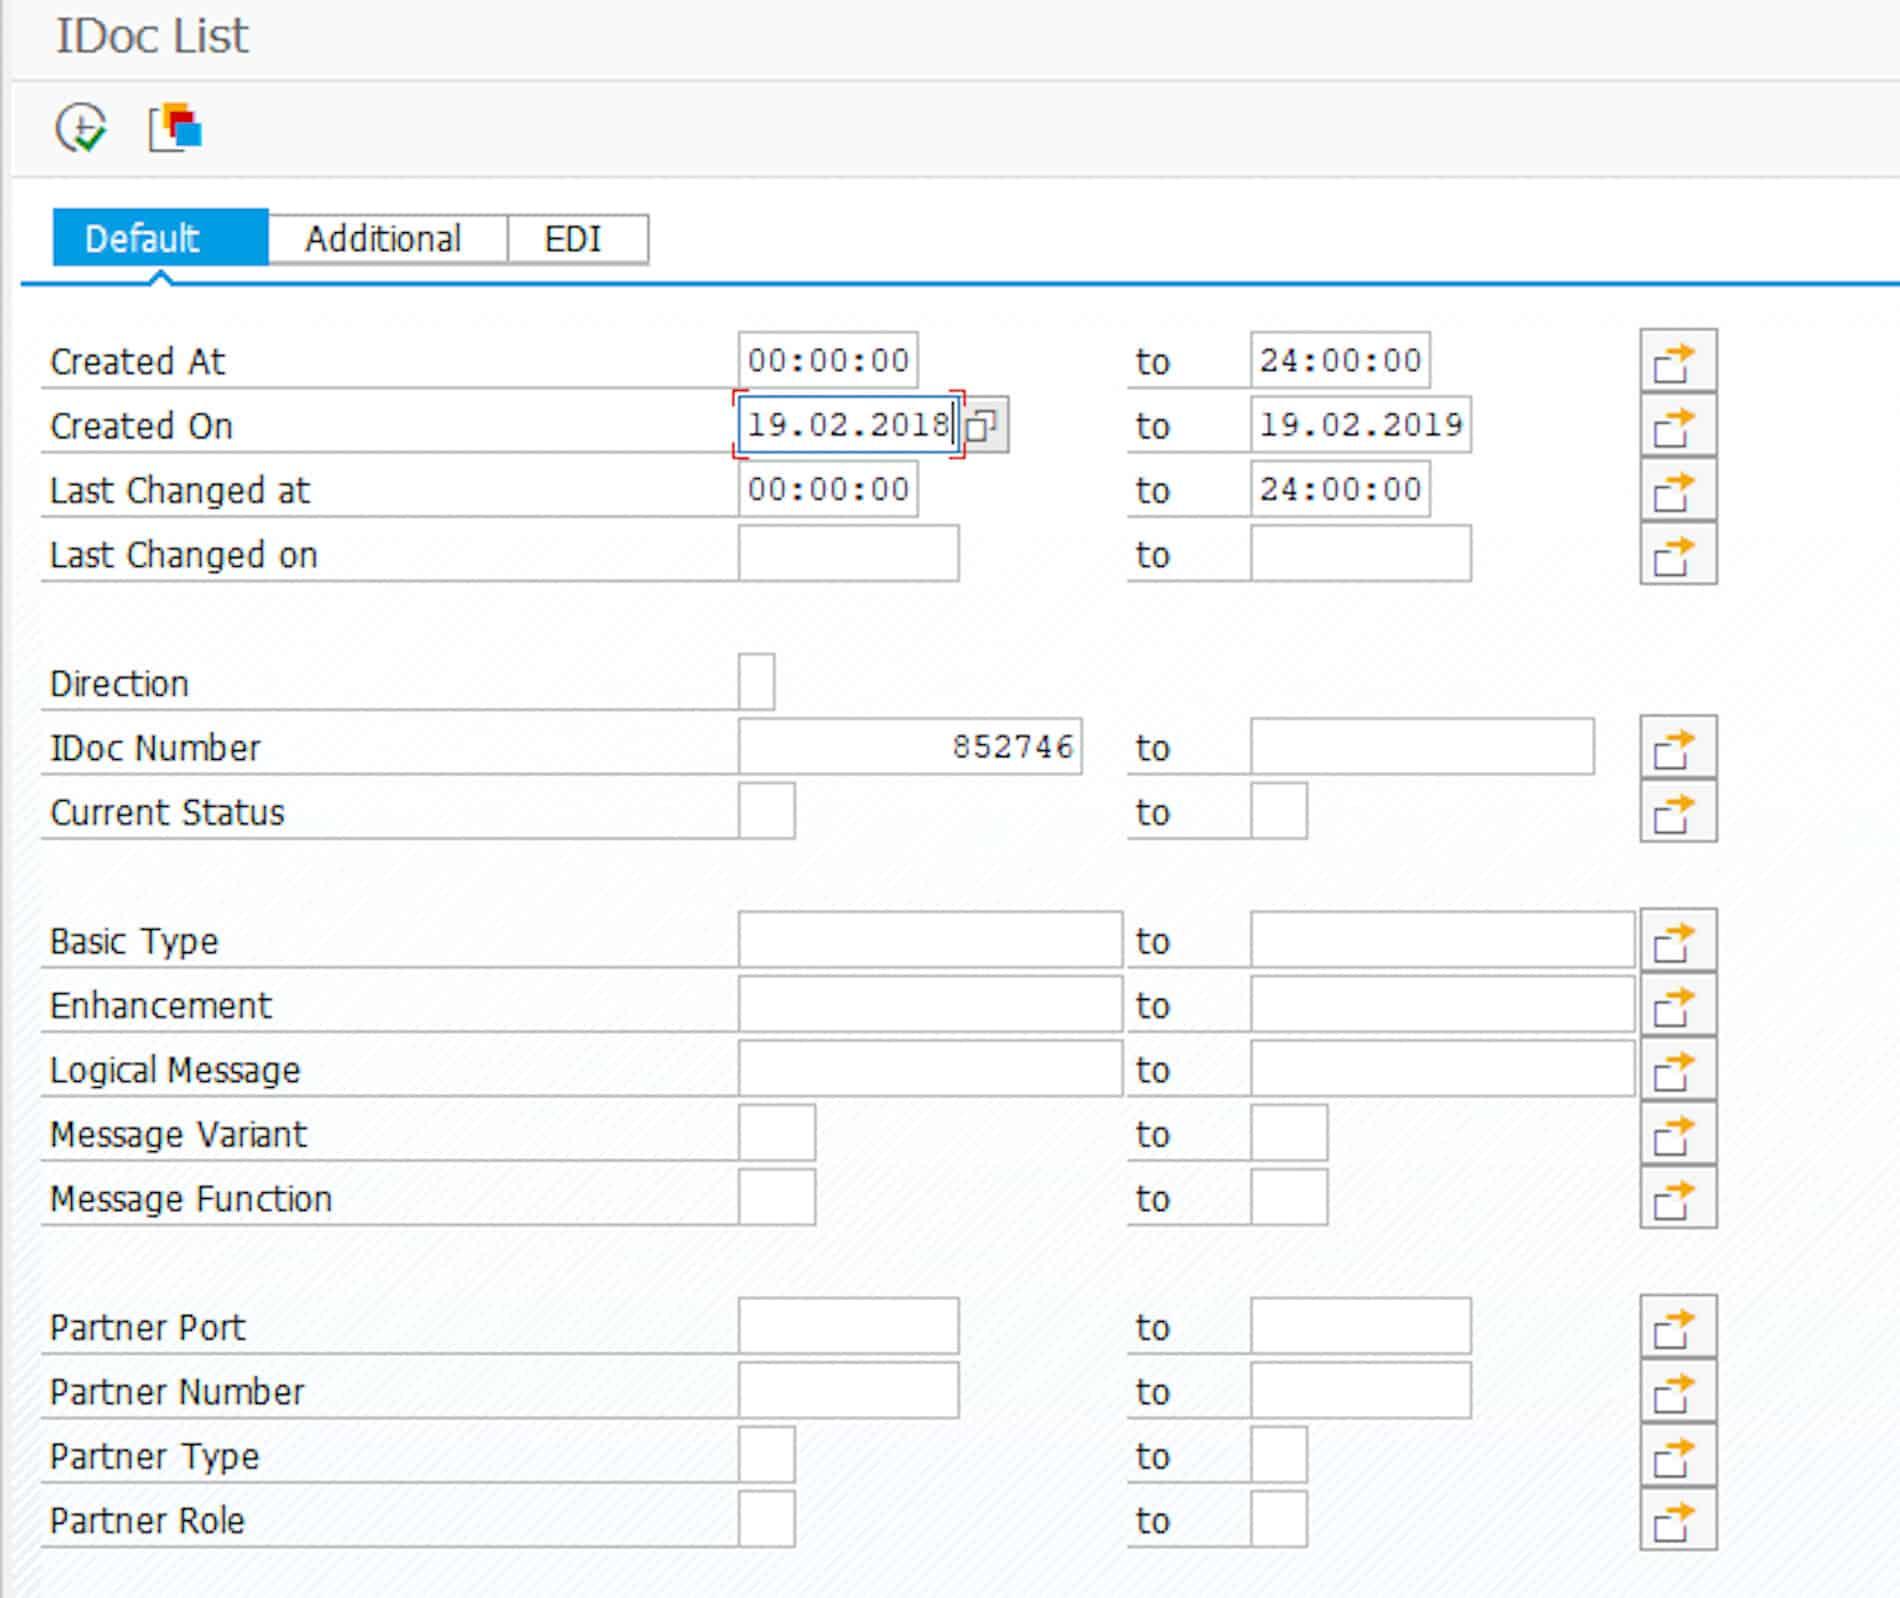 IDoc mit Transaktion WE02 suchen (Anklicken für größere Darstellung